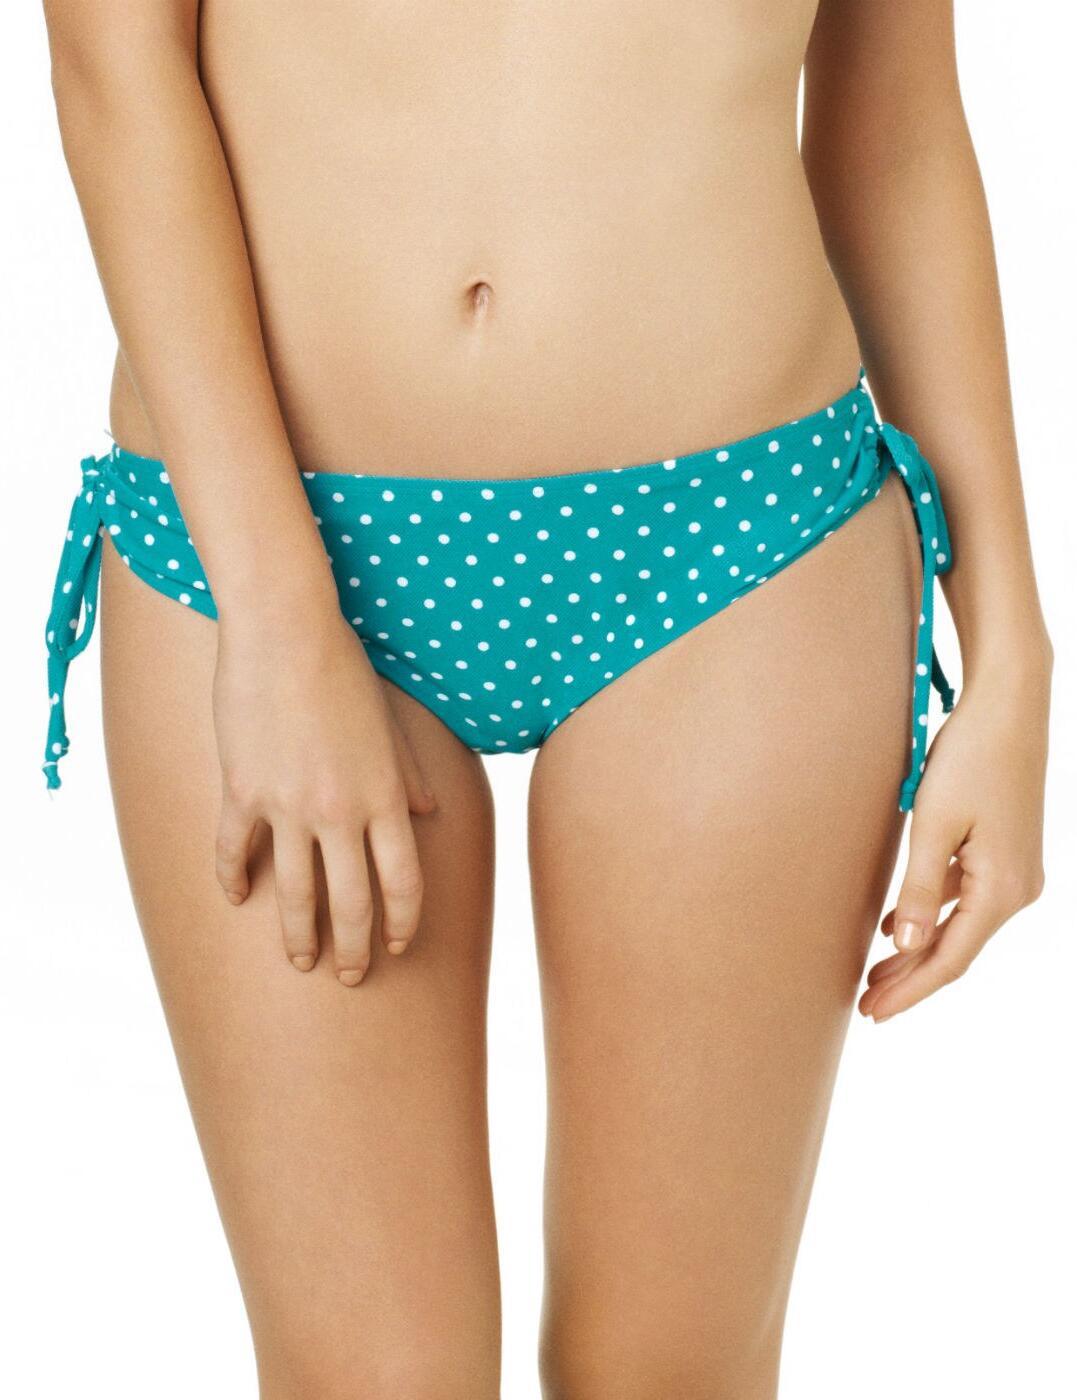 SW0038 Cleo Swimwear Betty Drawstring Bikini Brief - CW0038 Drawsting